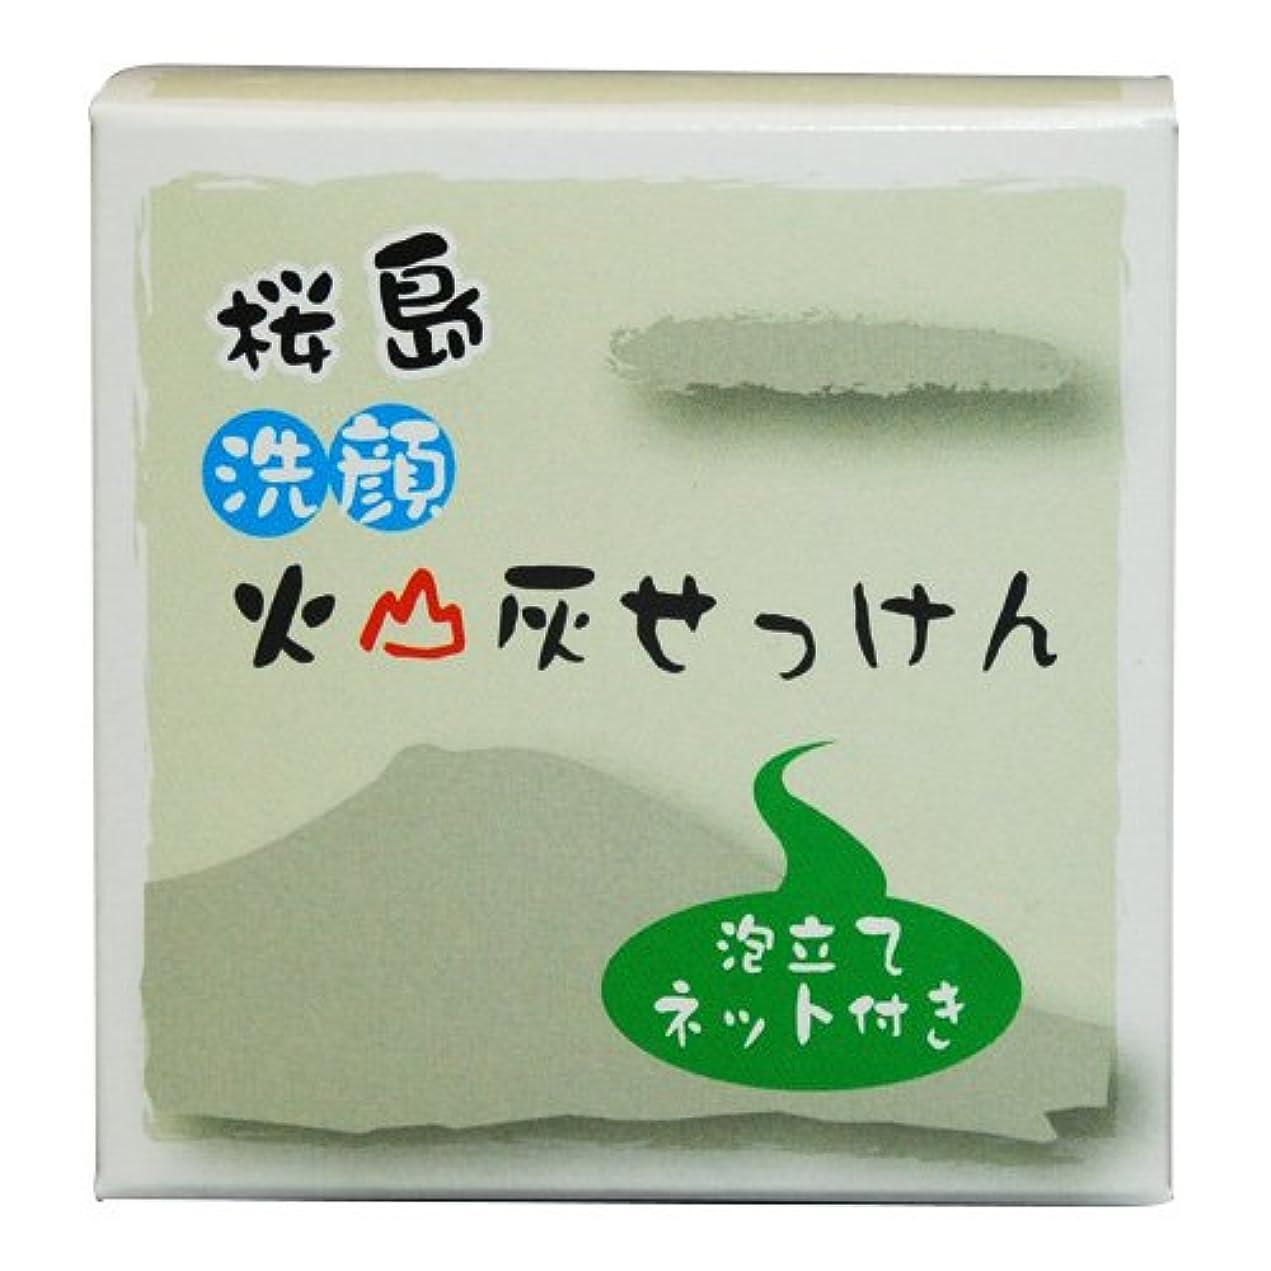 バーストのためヘビ桜島洗顔火山灰せっけん(泡立てネット付き)